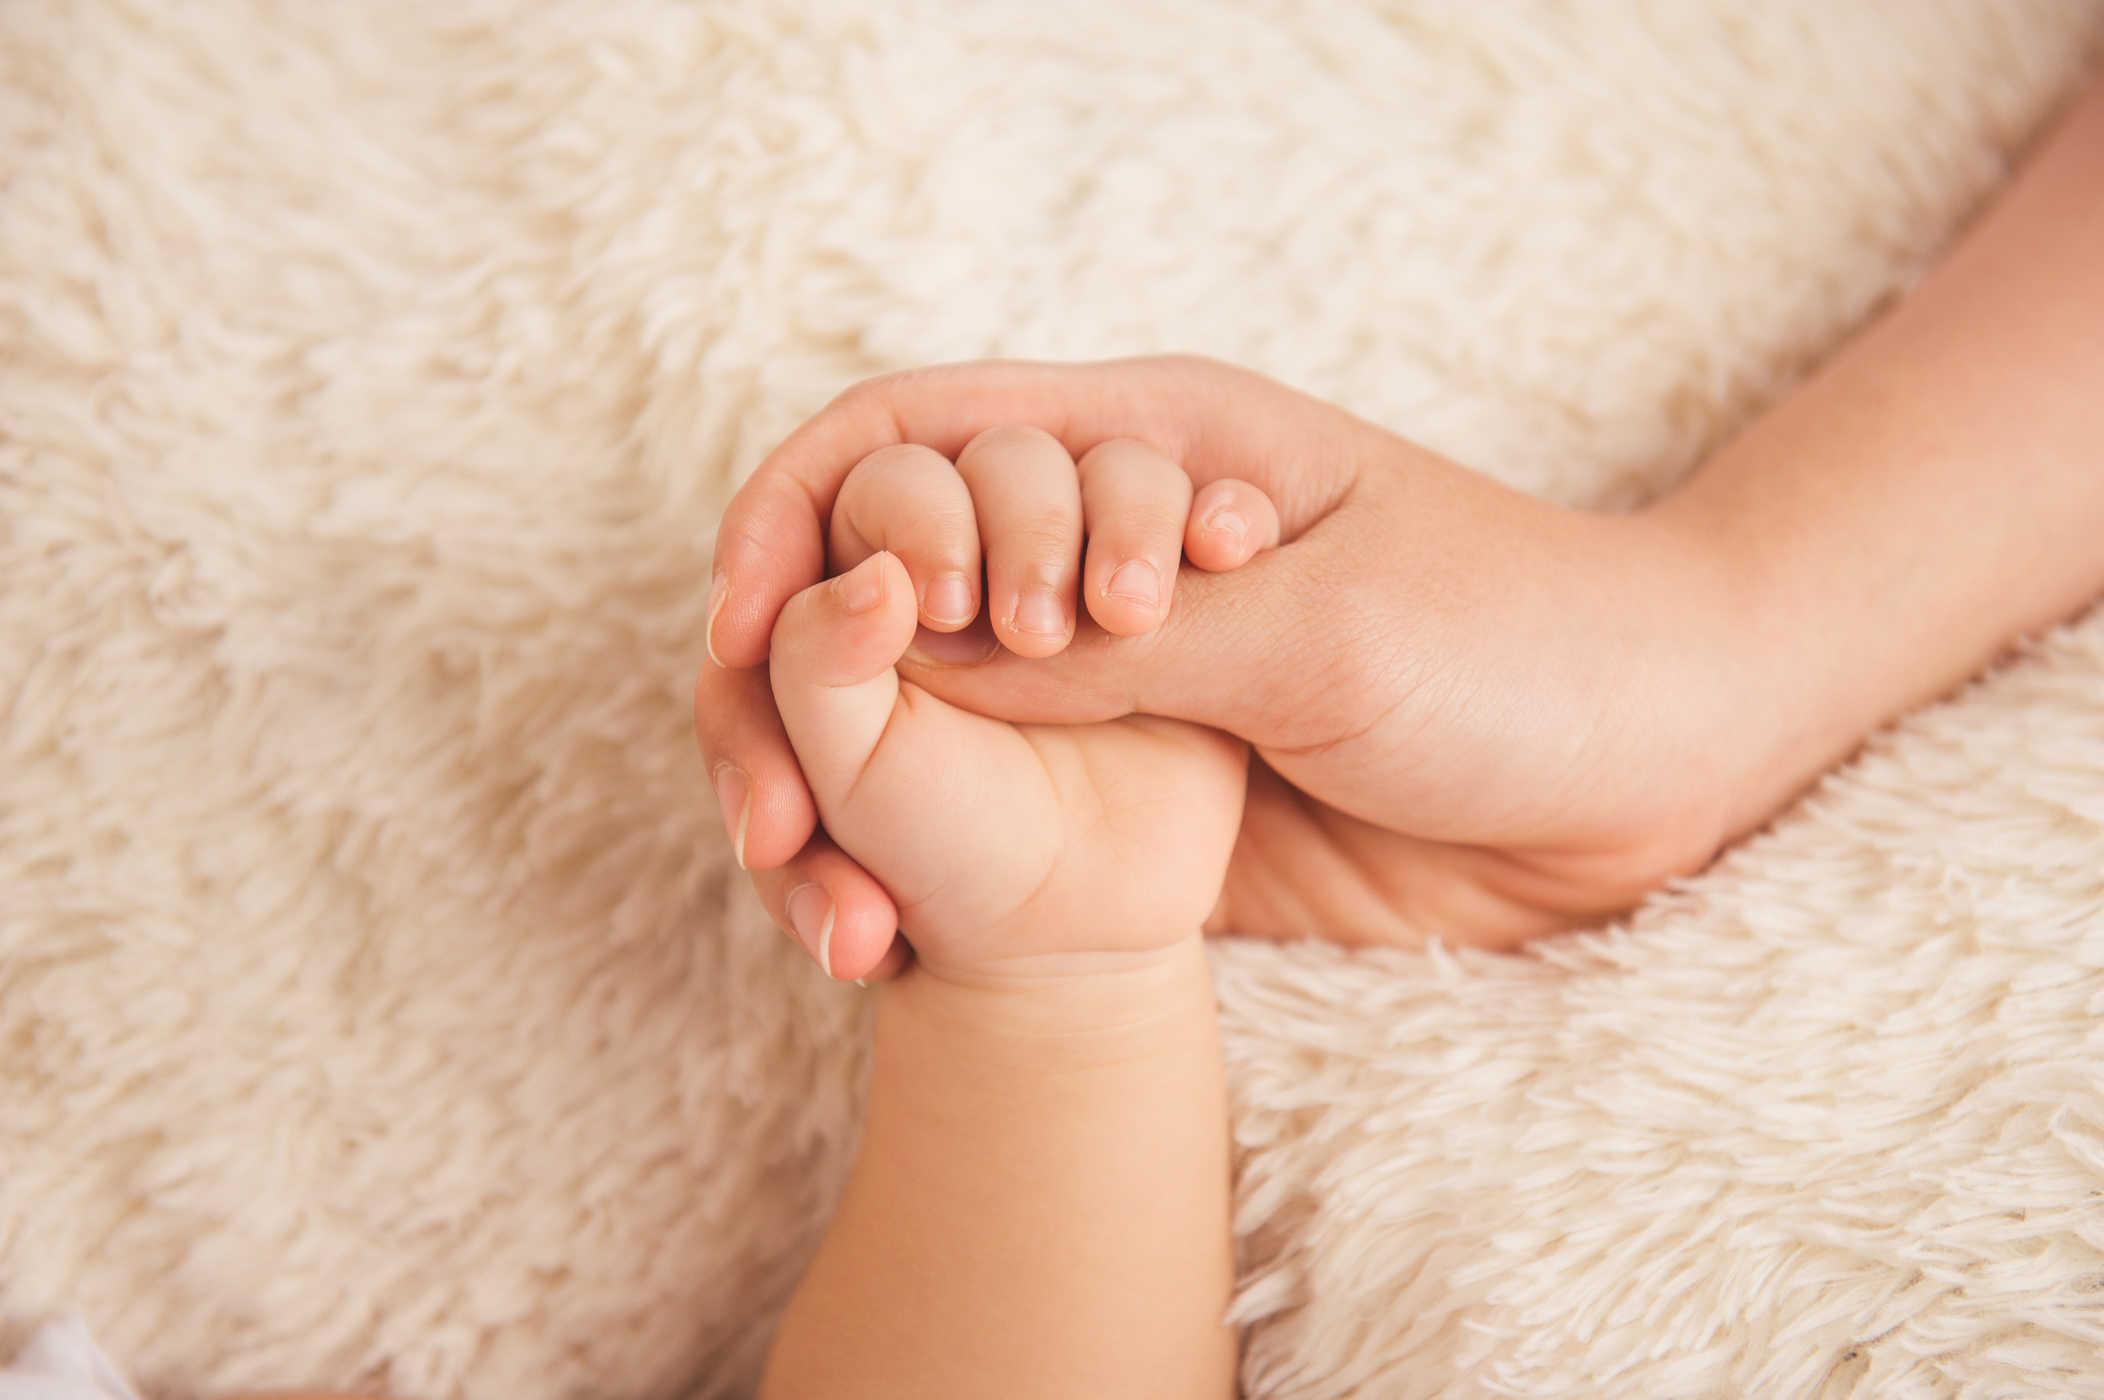 Chăm sóc móng tay tại nhà đơn giản